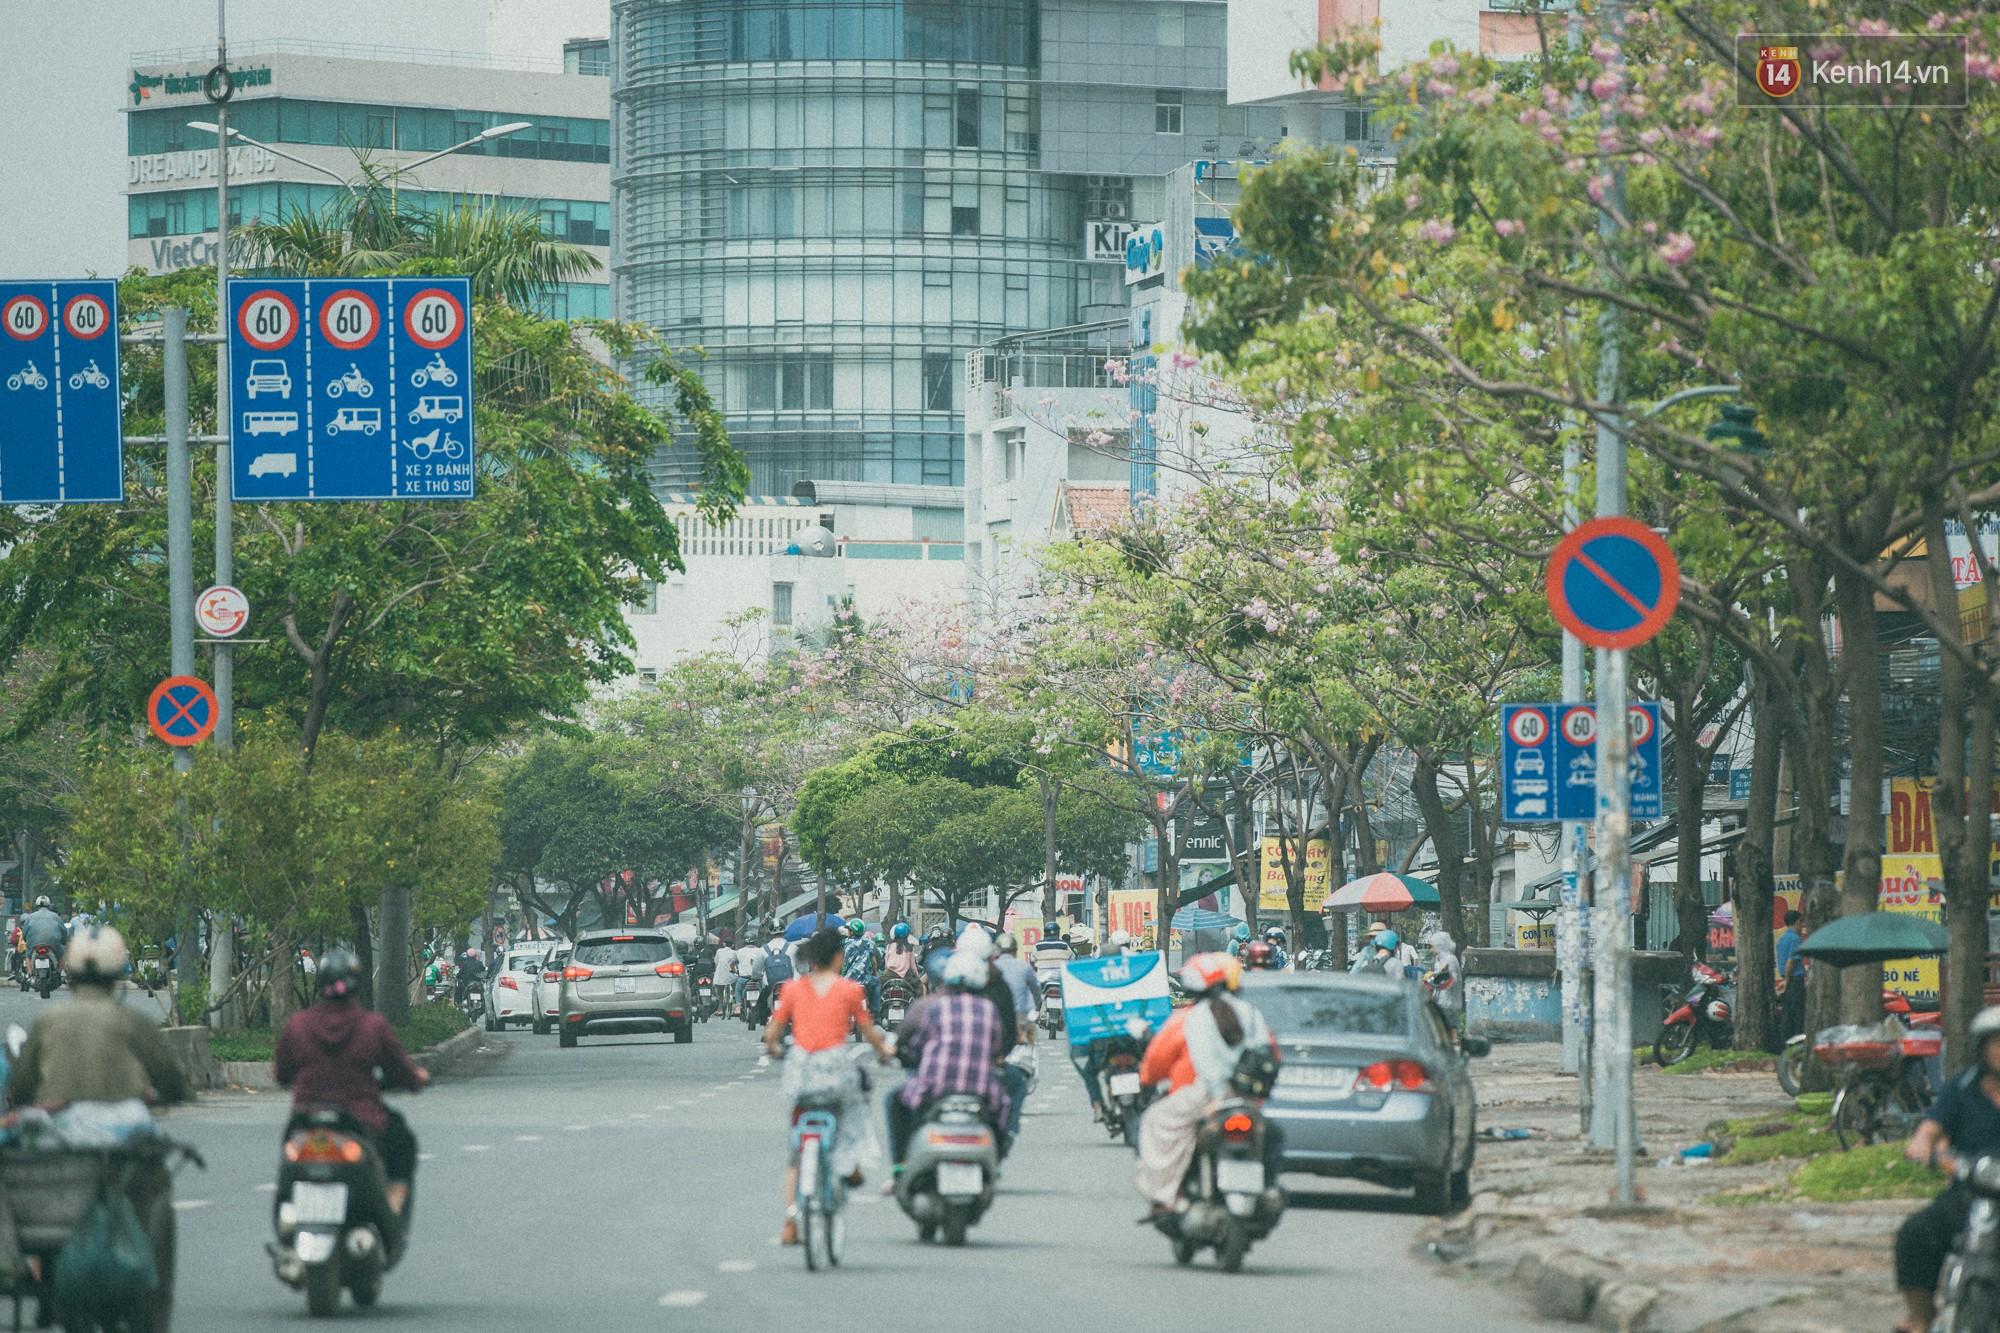 Sài Gòn mùa hoa kèn hồng: dịu dàng và dễ thương đến lạ! - Ảnh 13.